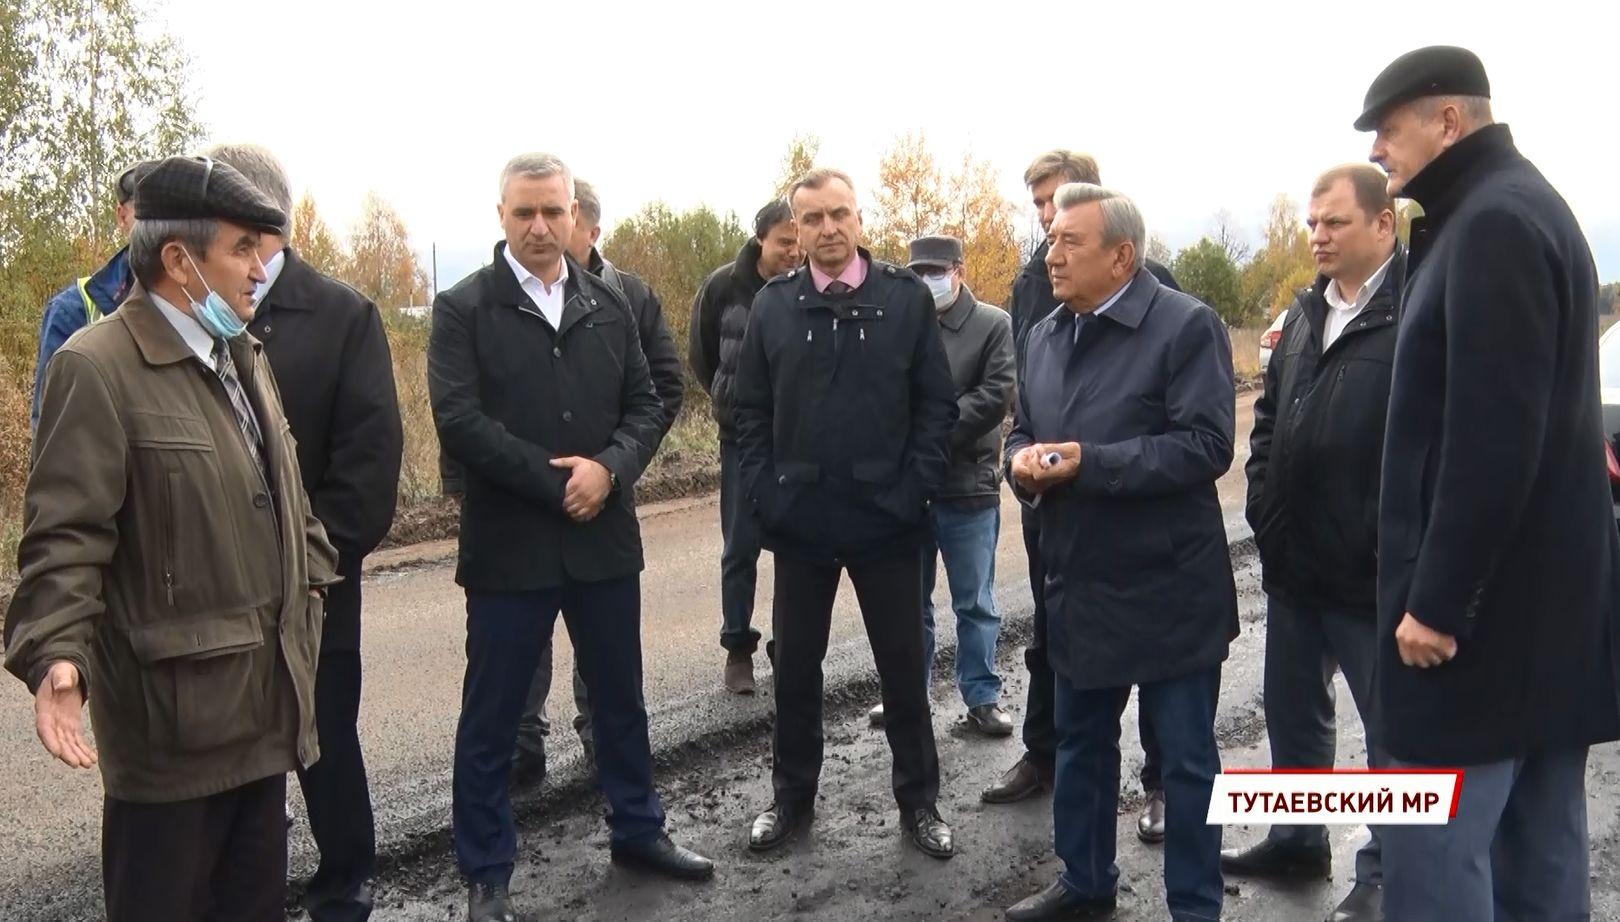 Самый крупный дорожный объект региона Тутаев-Шопша могут не сдать в срок